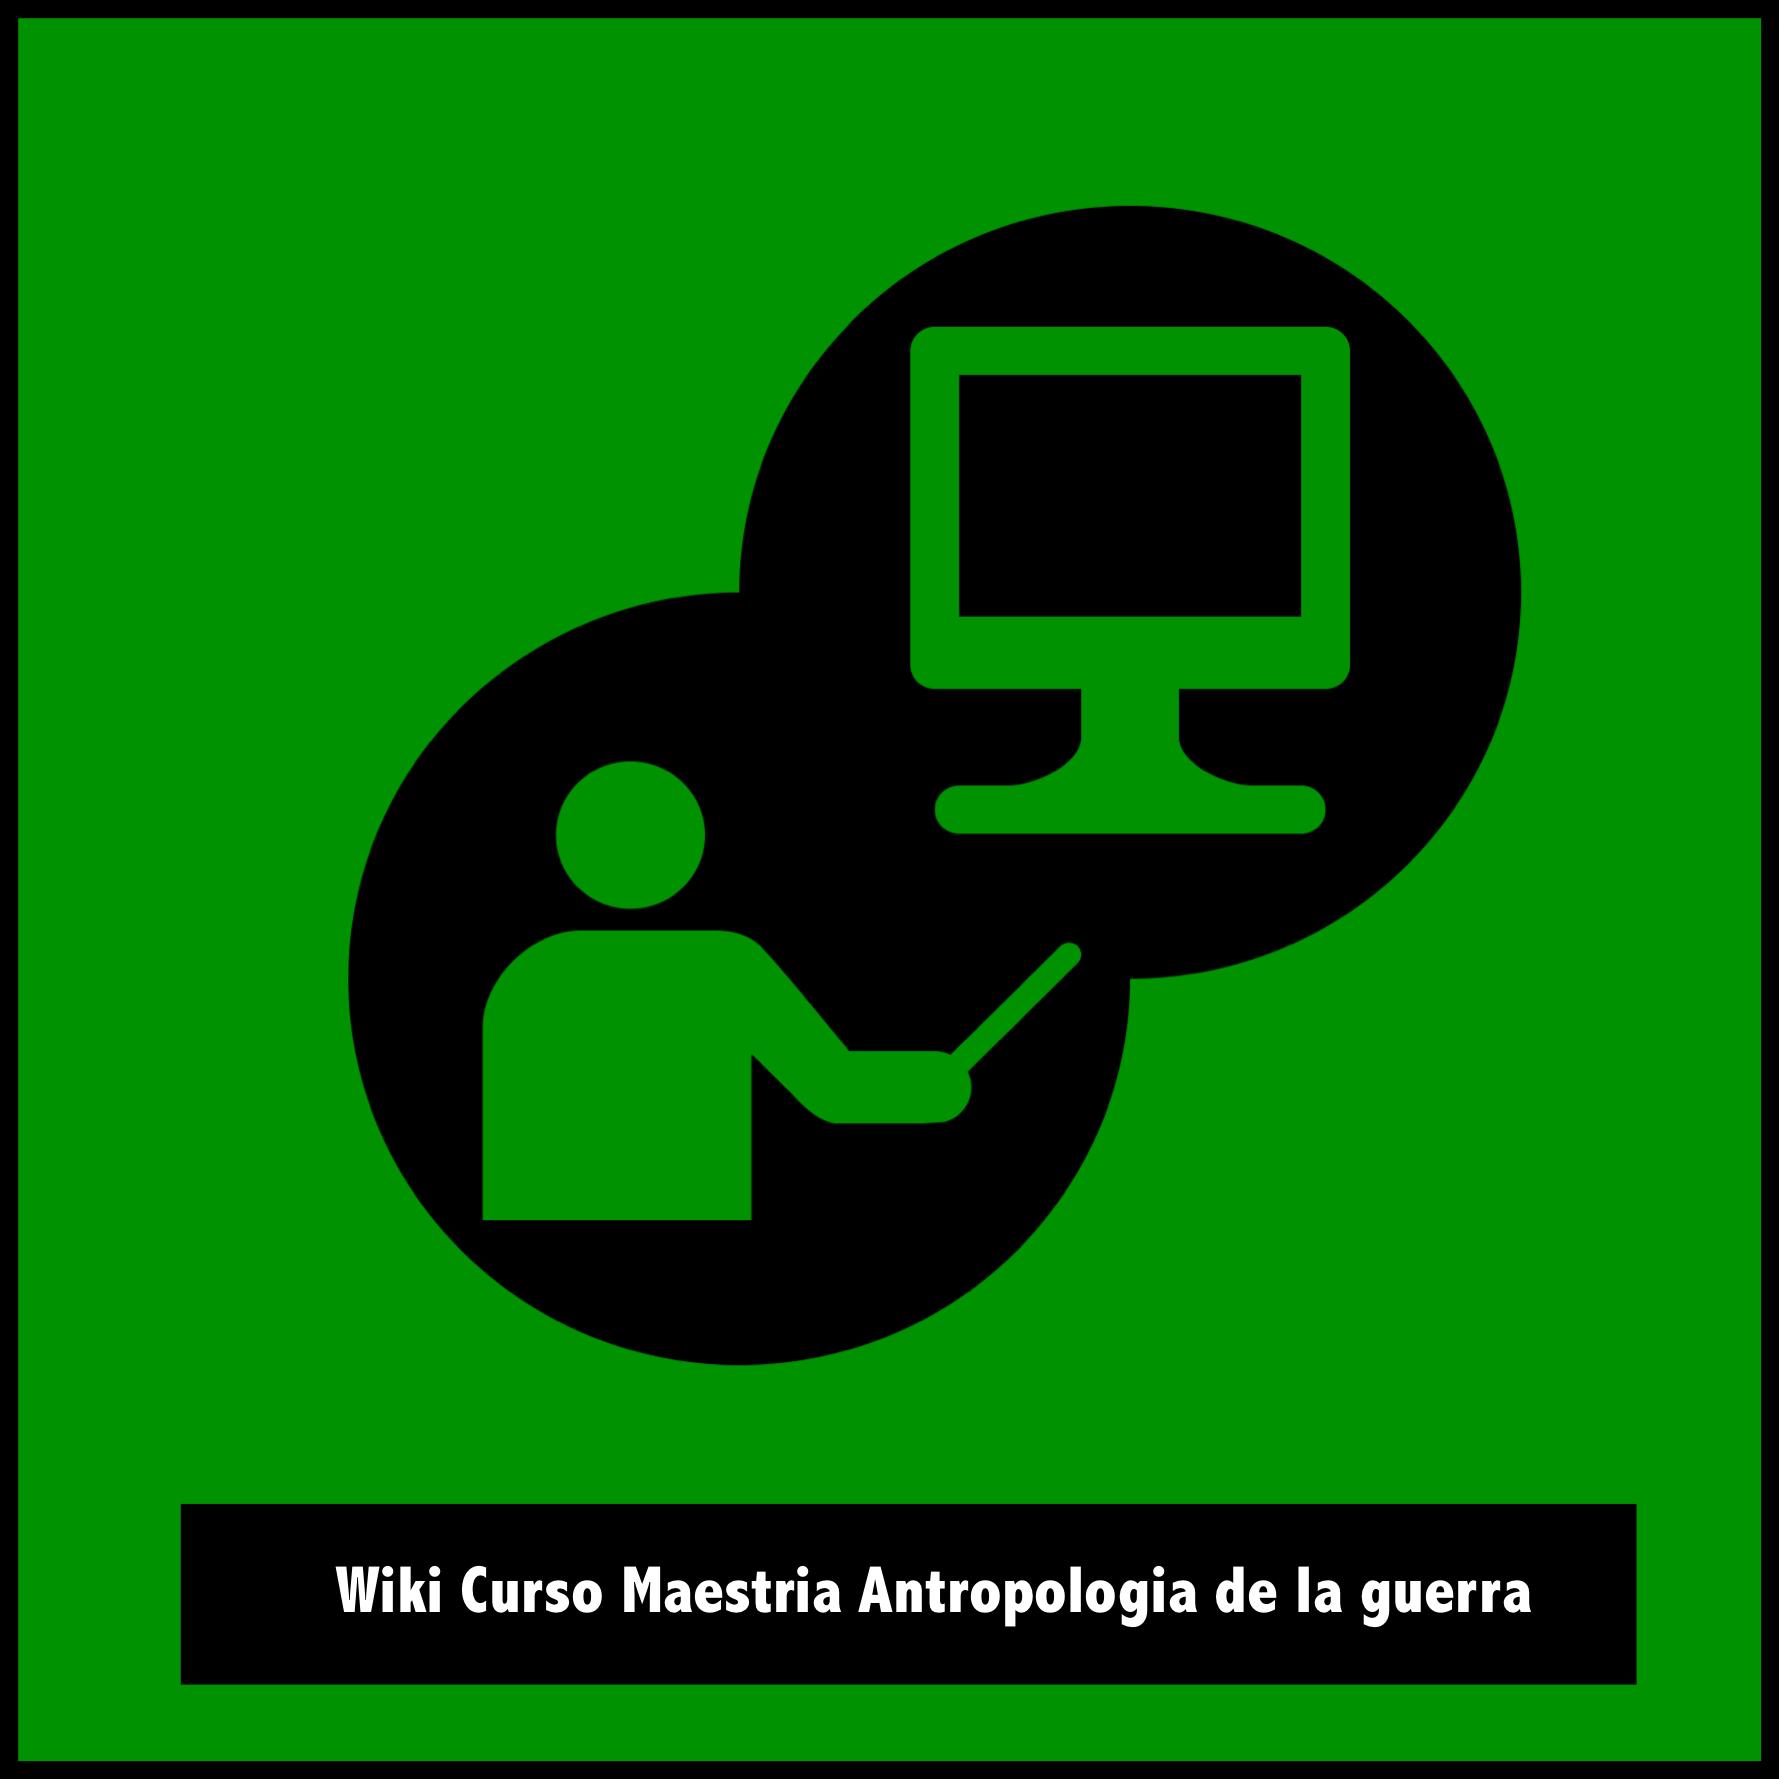 Curso Wiki Antropologia